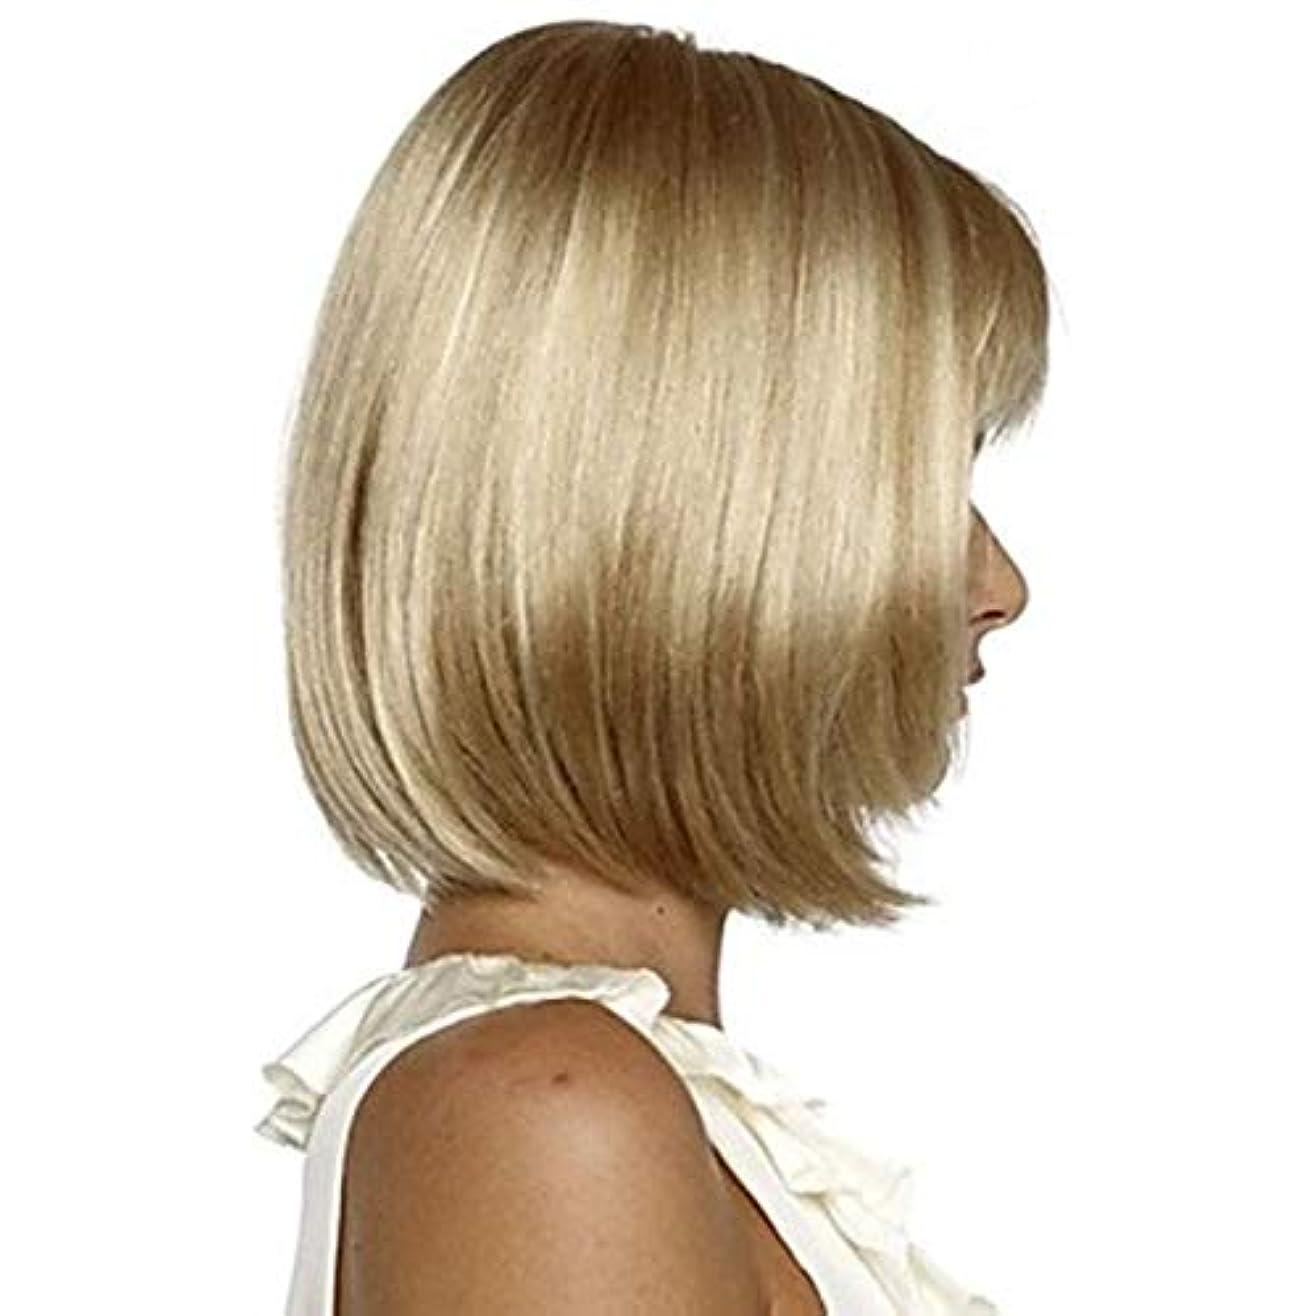 魔術師部分的に地元女性の好きなウィッグ HAIRJOYホワイト女性の合成全ウィッグショートストレートボブ髪型ブロンドのハイライトヘアウィッグ耐熱 (Color : Blonde, Stretched Length : 14inches)